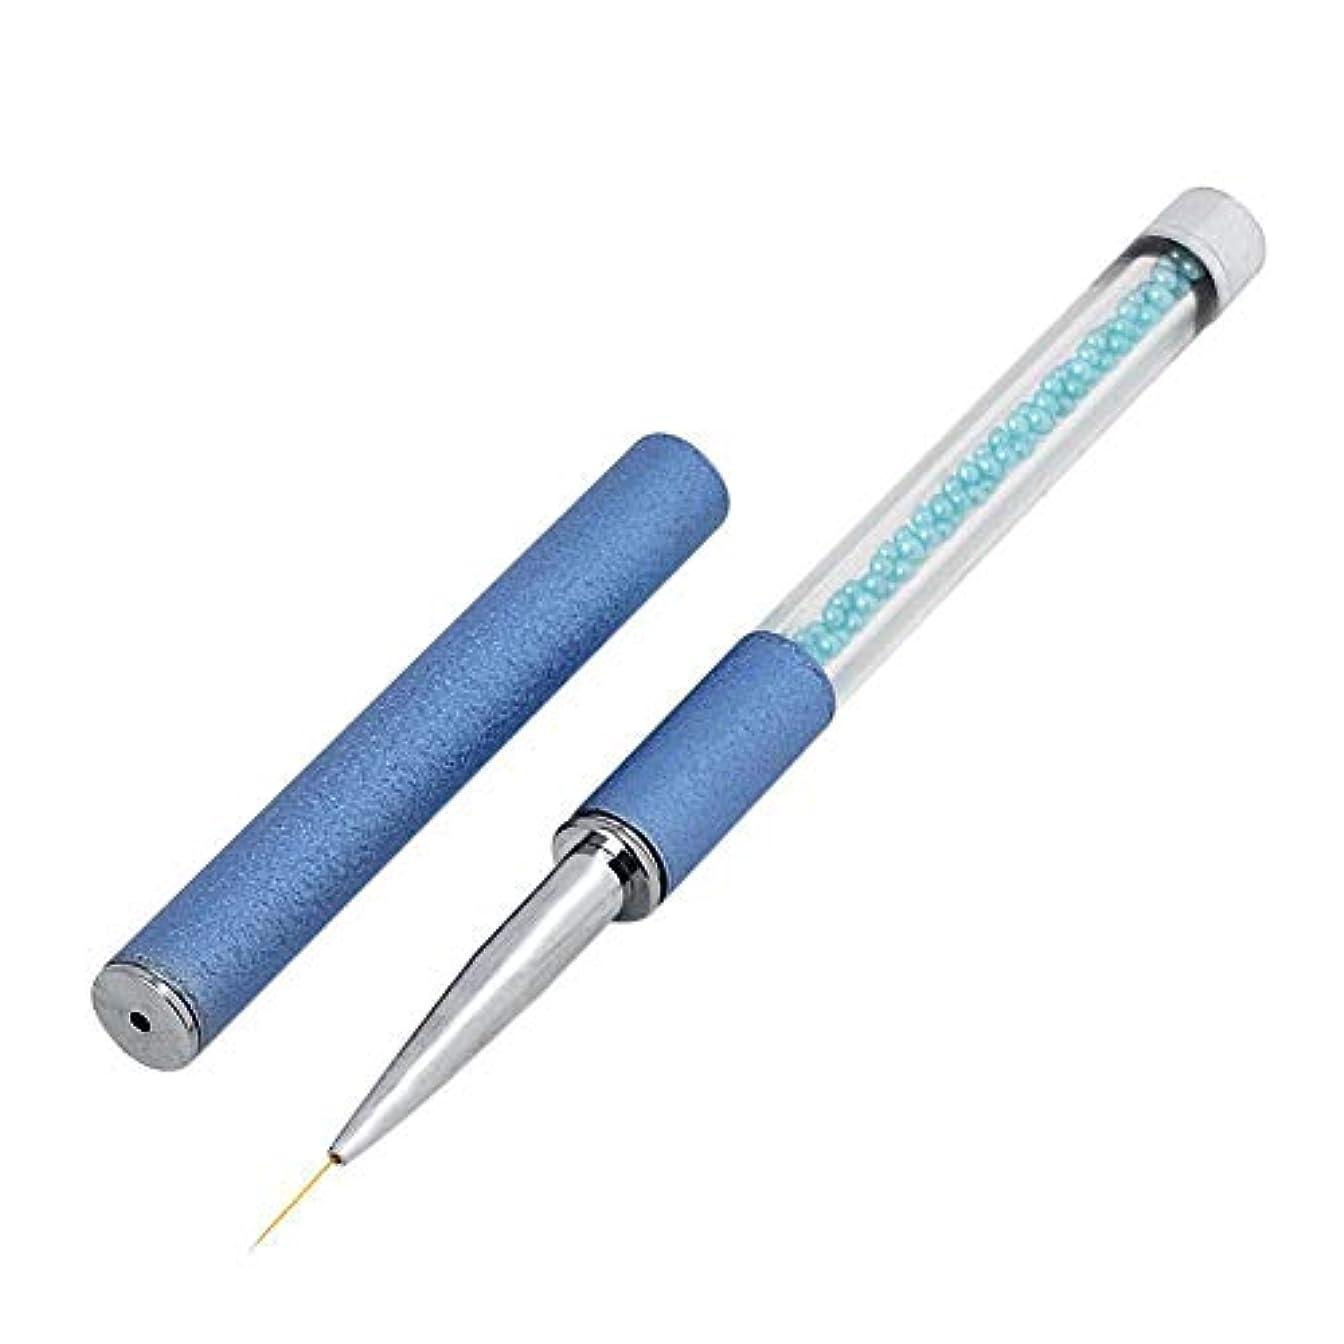 不機嫌そうな経験者Murakush ネイルツール ブルーパールバー 塗装ペン つや消し バレルパール ネイル